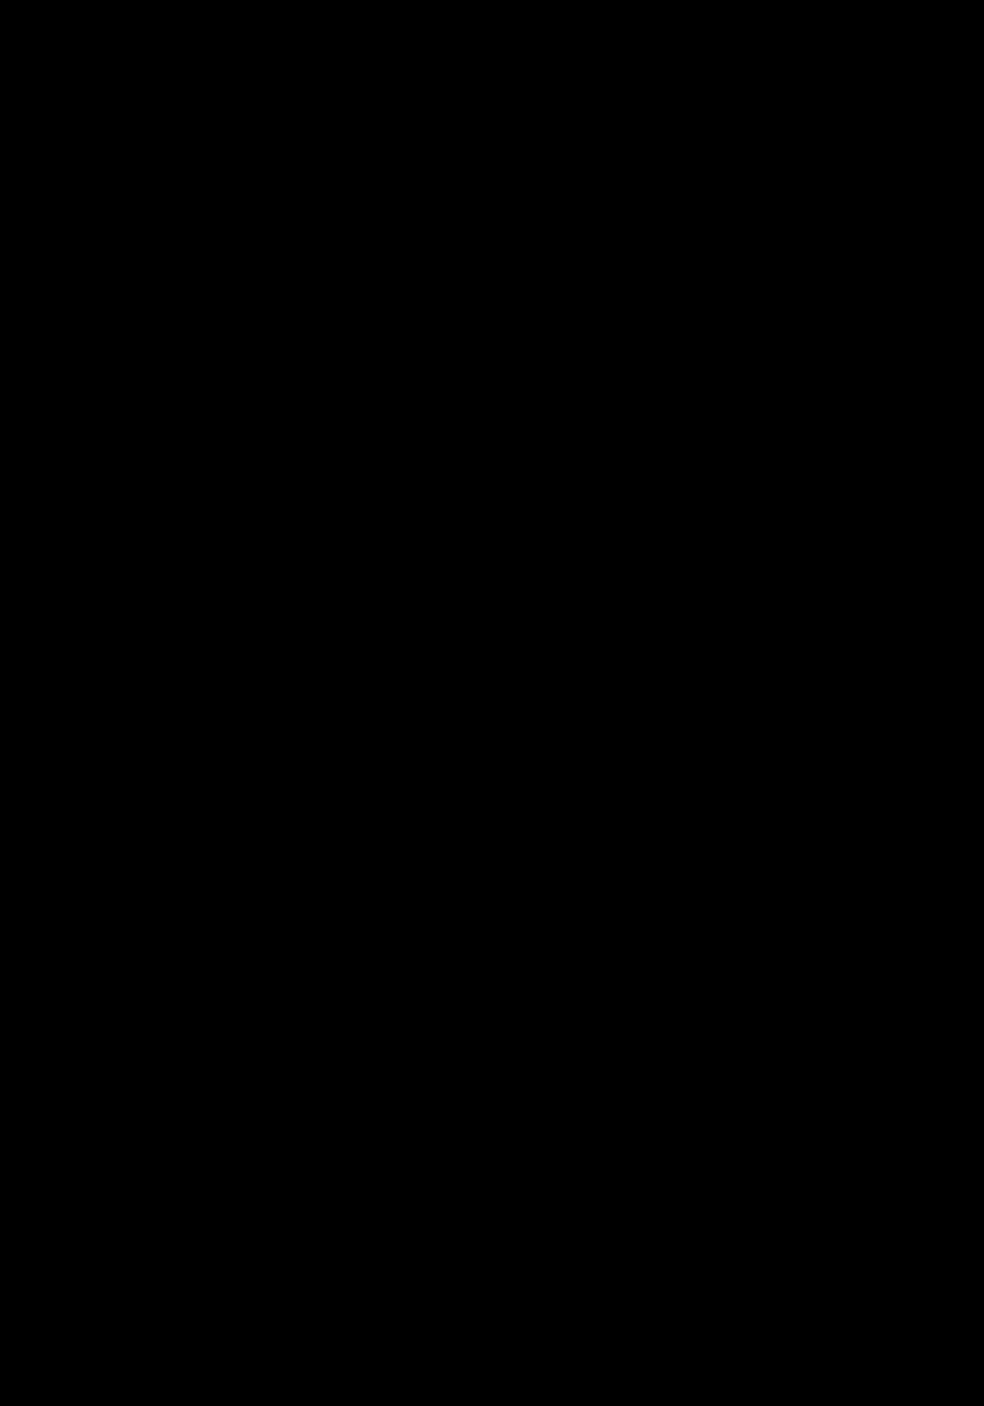 タイポス 44 TY44 縦組見本